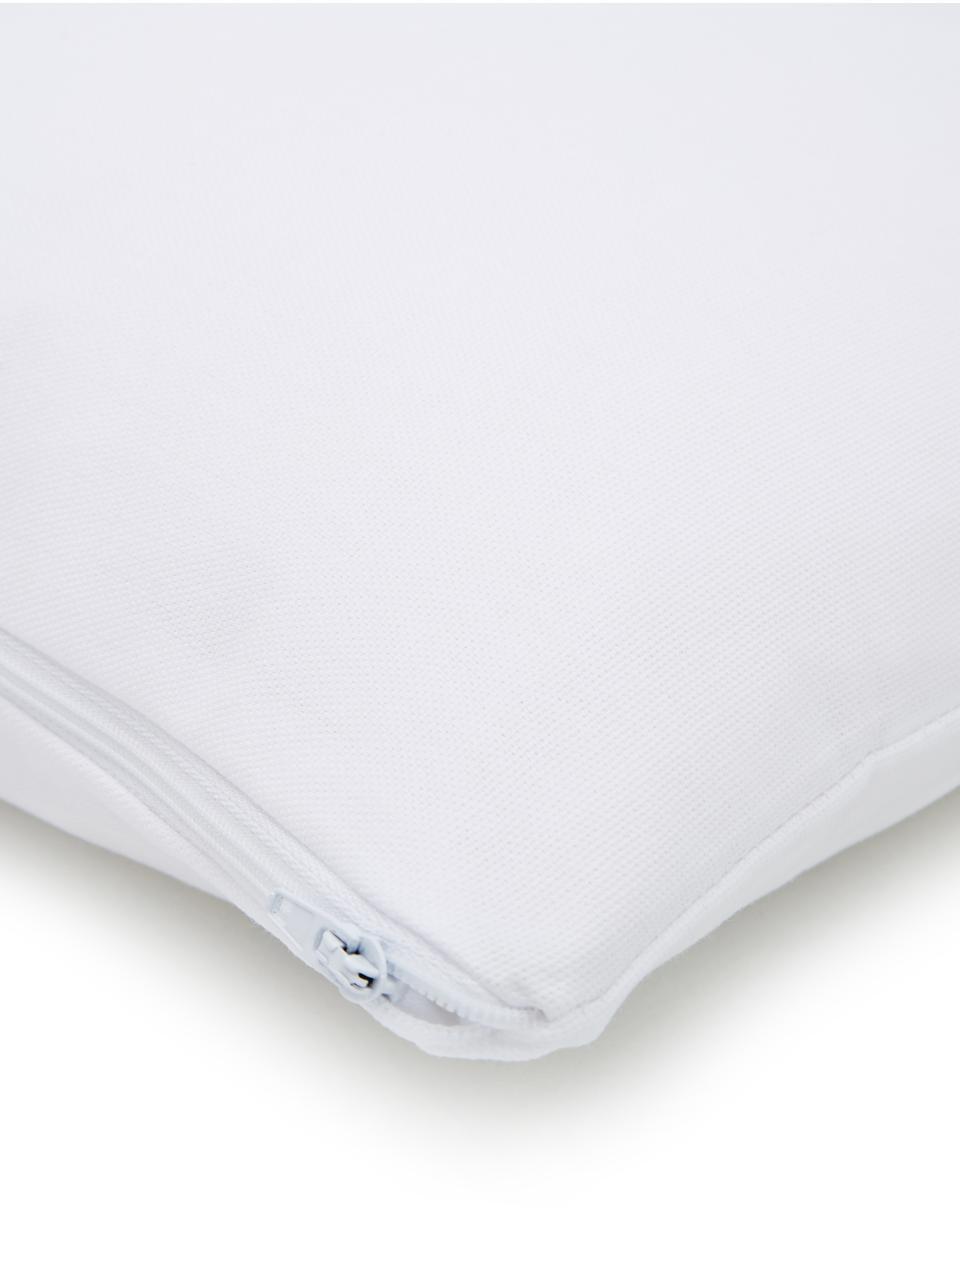 Housse de coussin 40x40 blanc Filomina, Blanc, noir